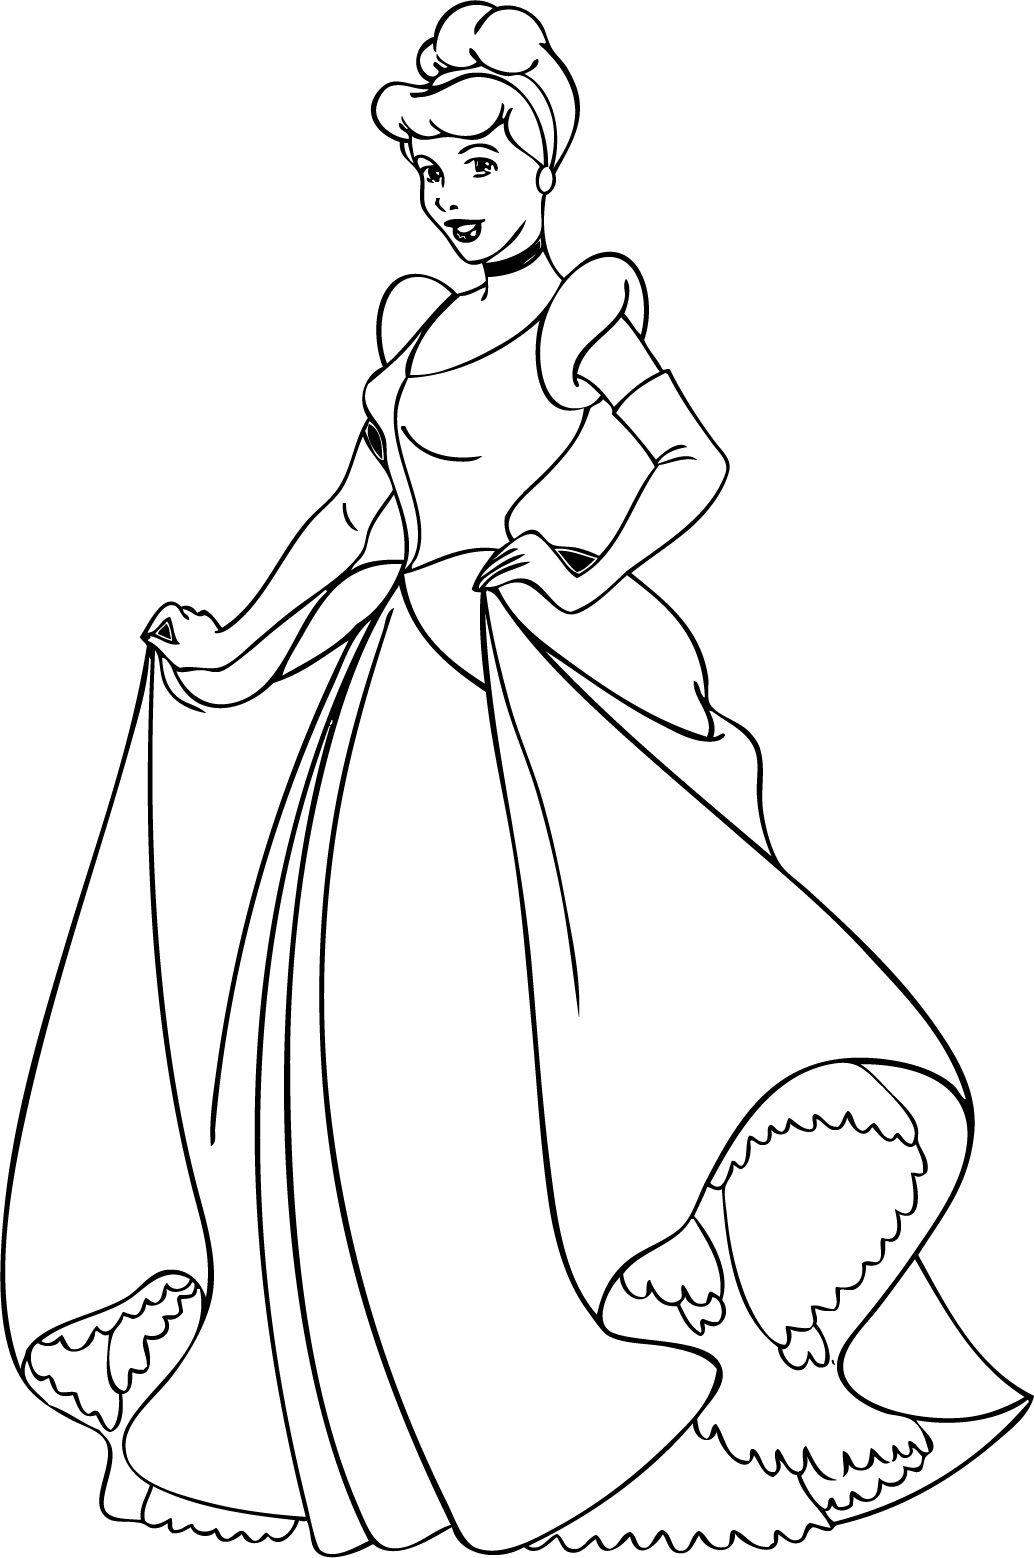 Cinderella Coloring Pages - ColoringPageSS | Cinderella ...